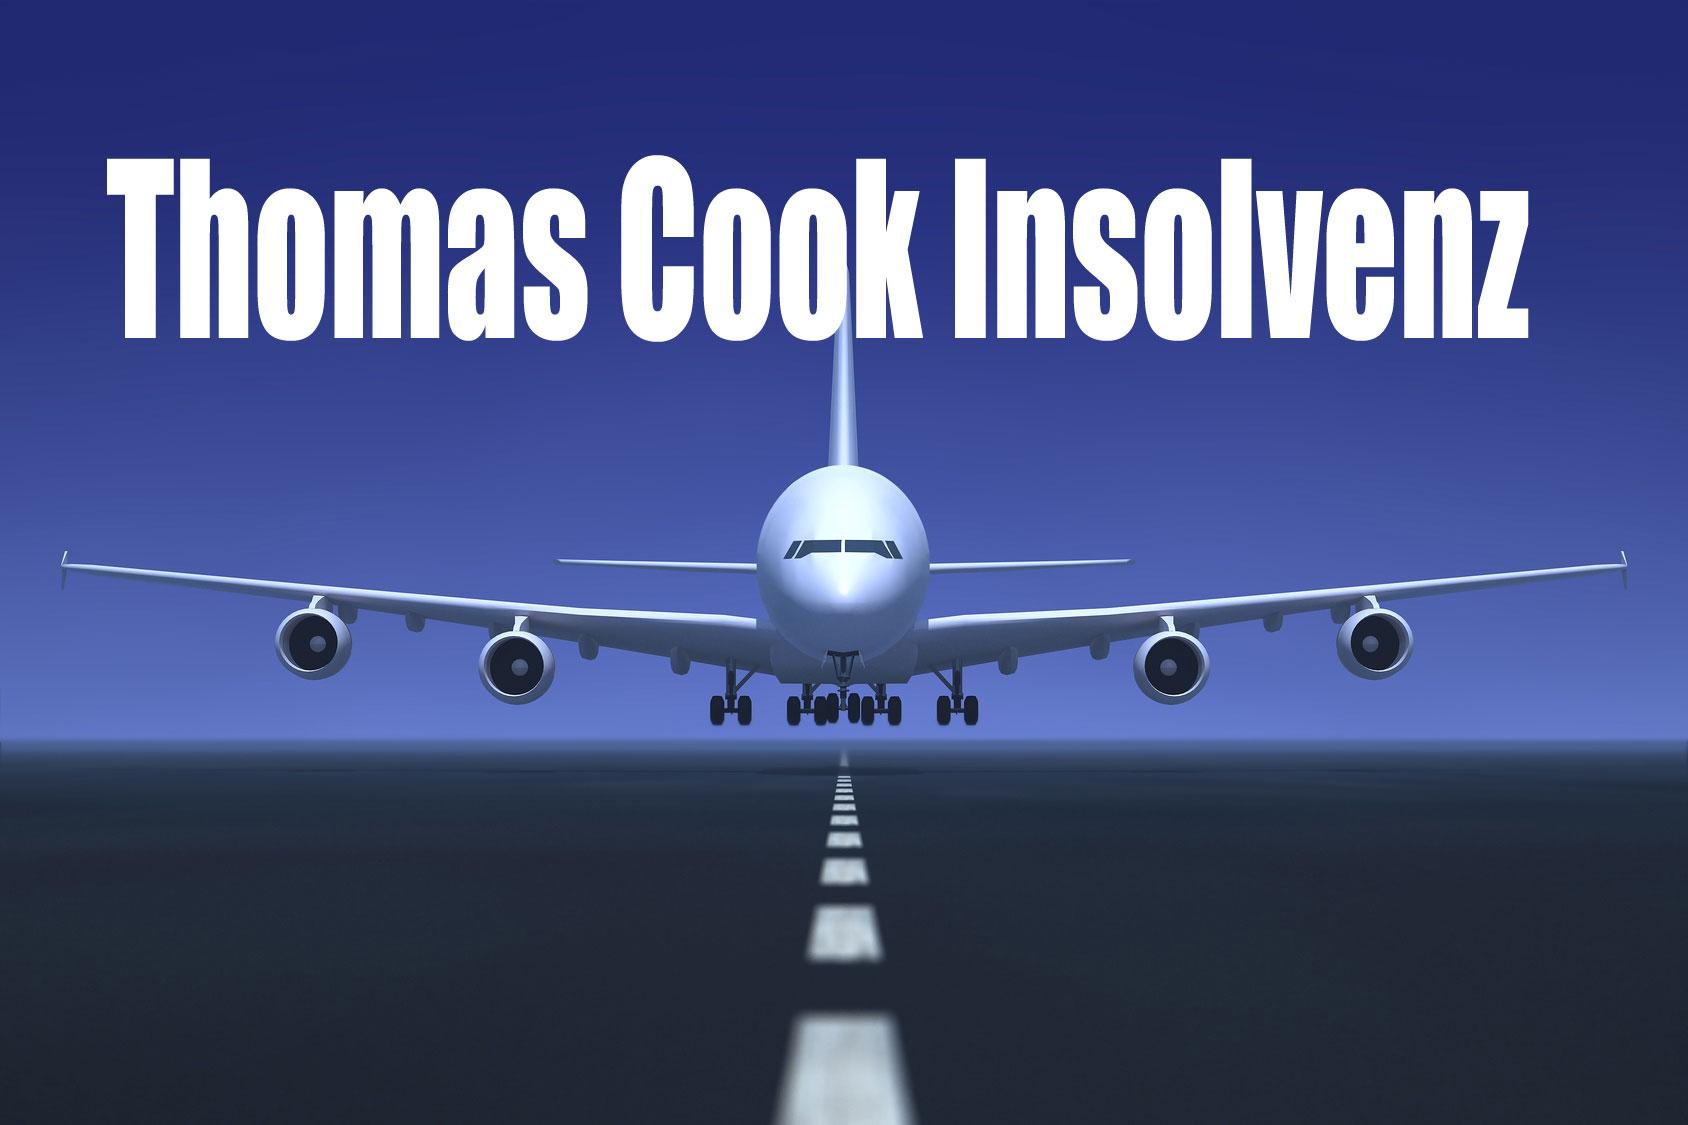 Thomas-Cook-Insolvenz anwalt kanzlei